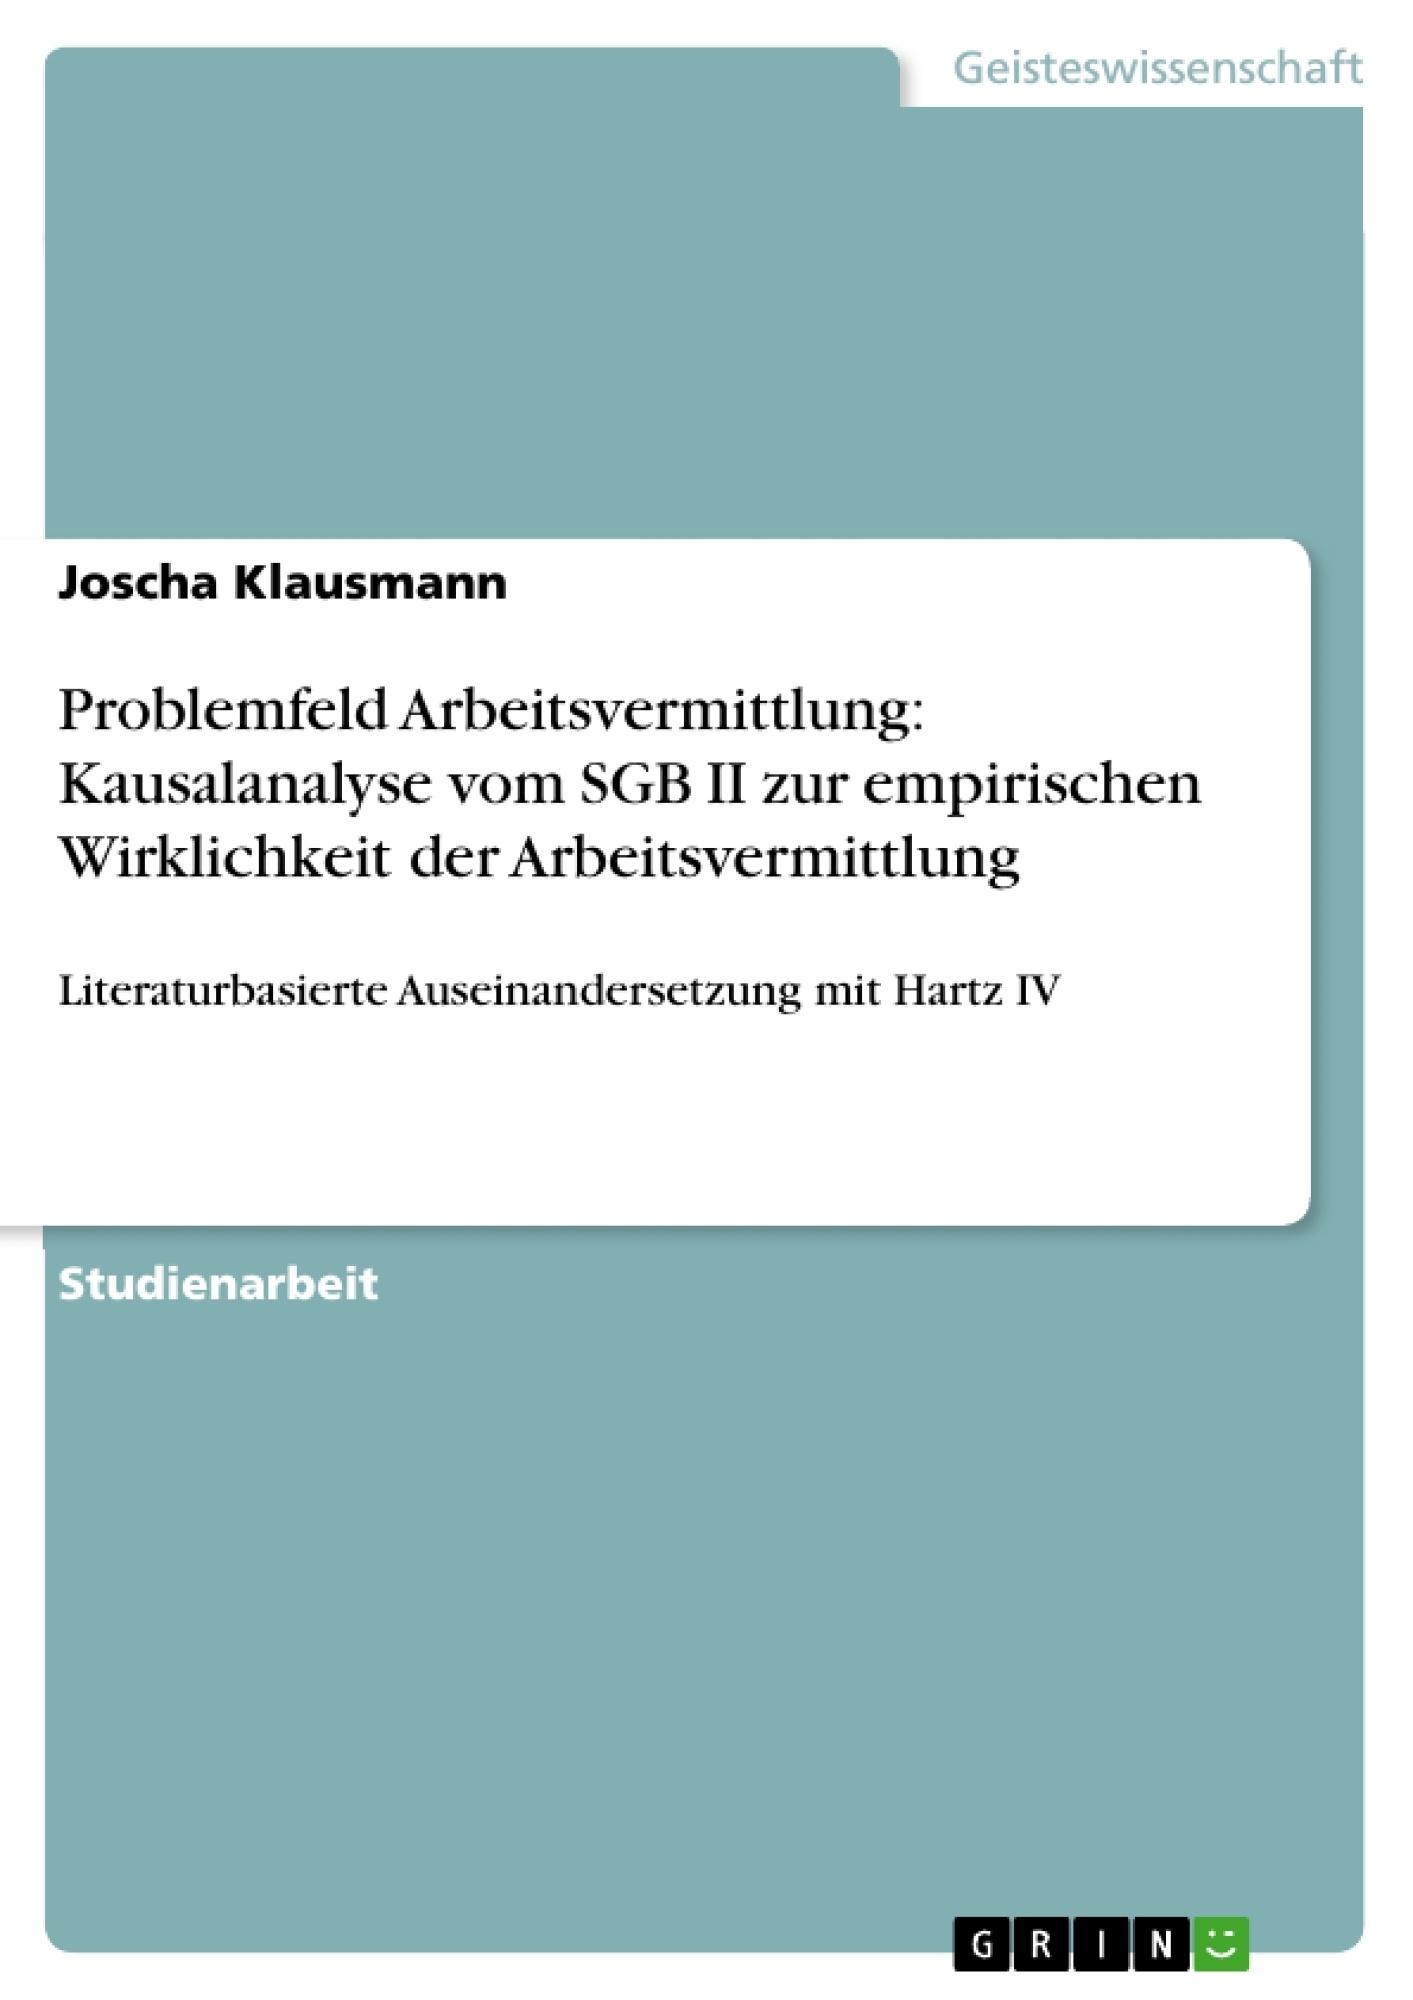 Titel: Problemfeld Arbeitsvermittlung: Kausalanalyse vom SGB II zur empirischen Wirklichkeit der Arbeitsvermittlung